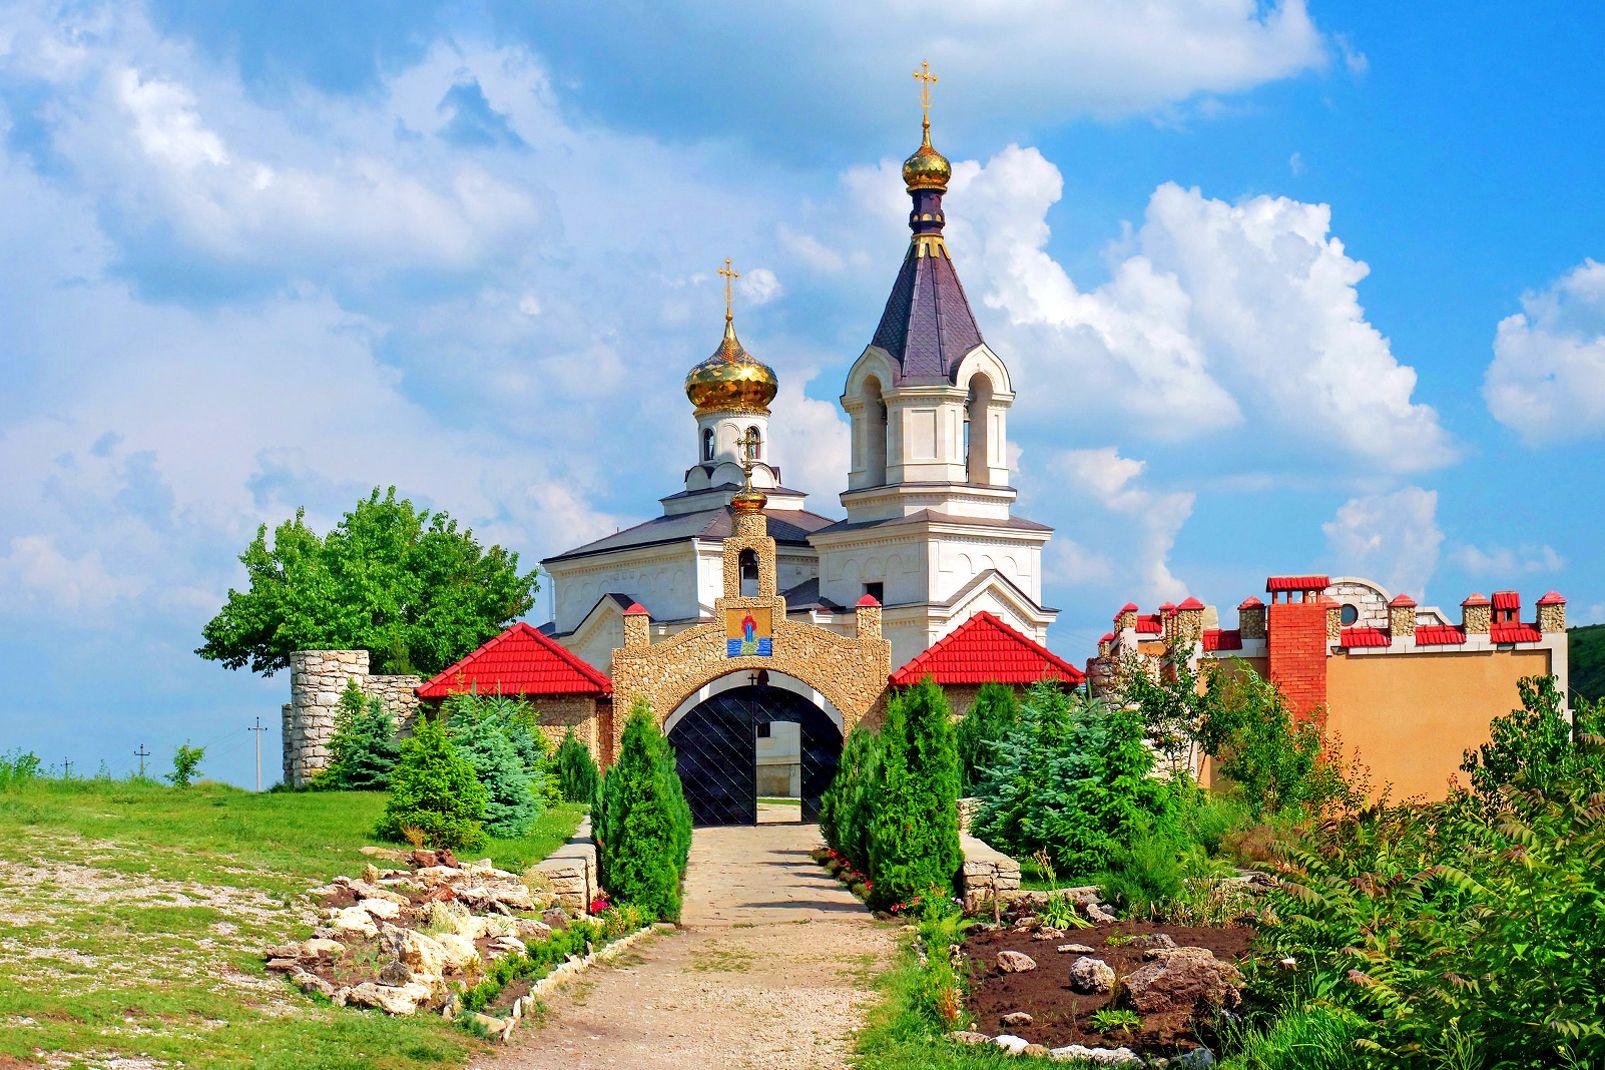 Moldavie, Église chrétienne orthodoxe dans le Vieux Orhei